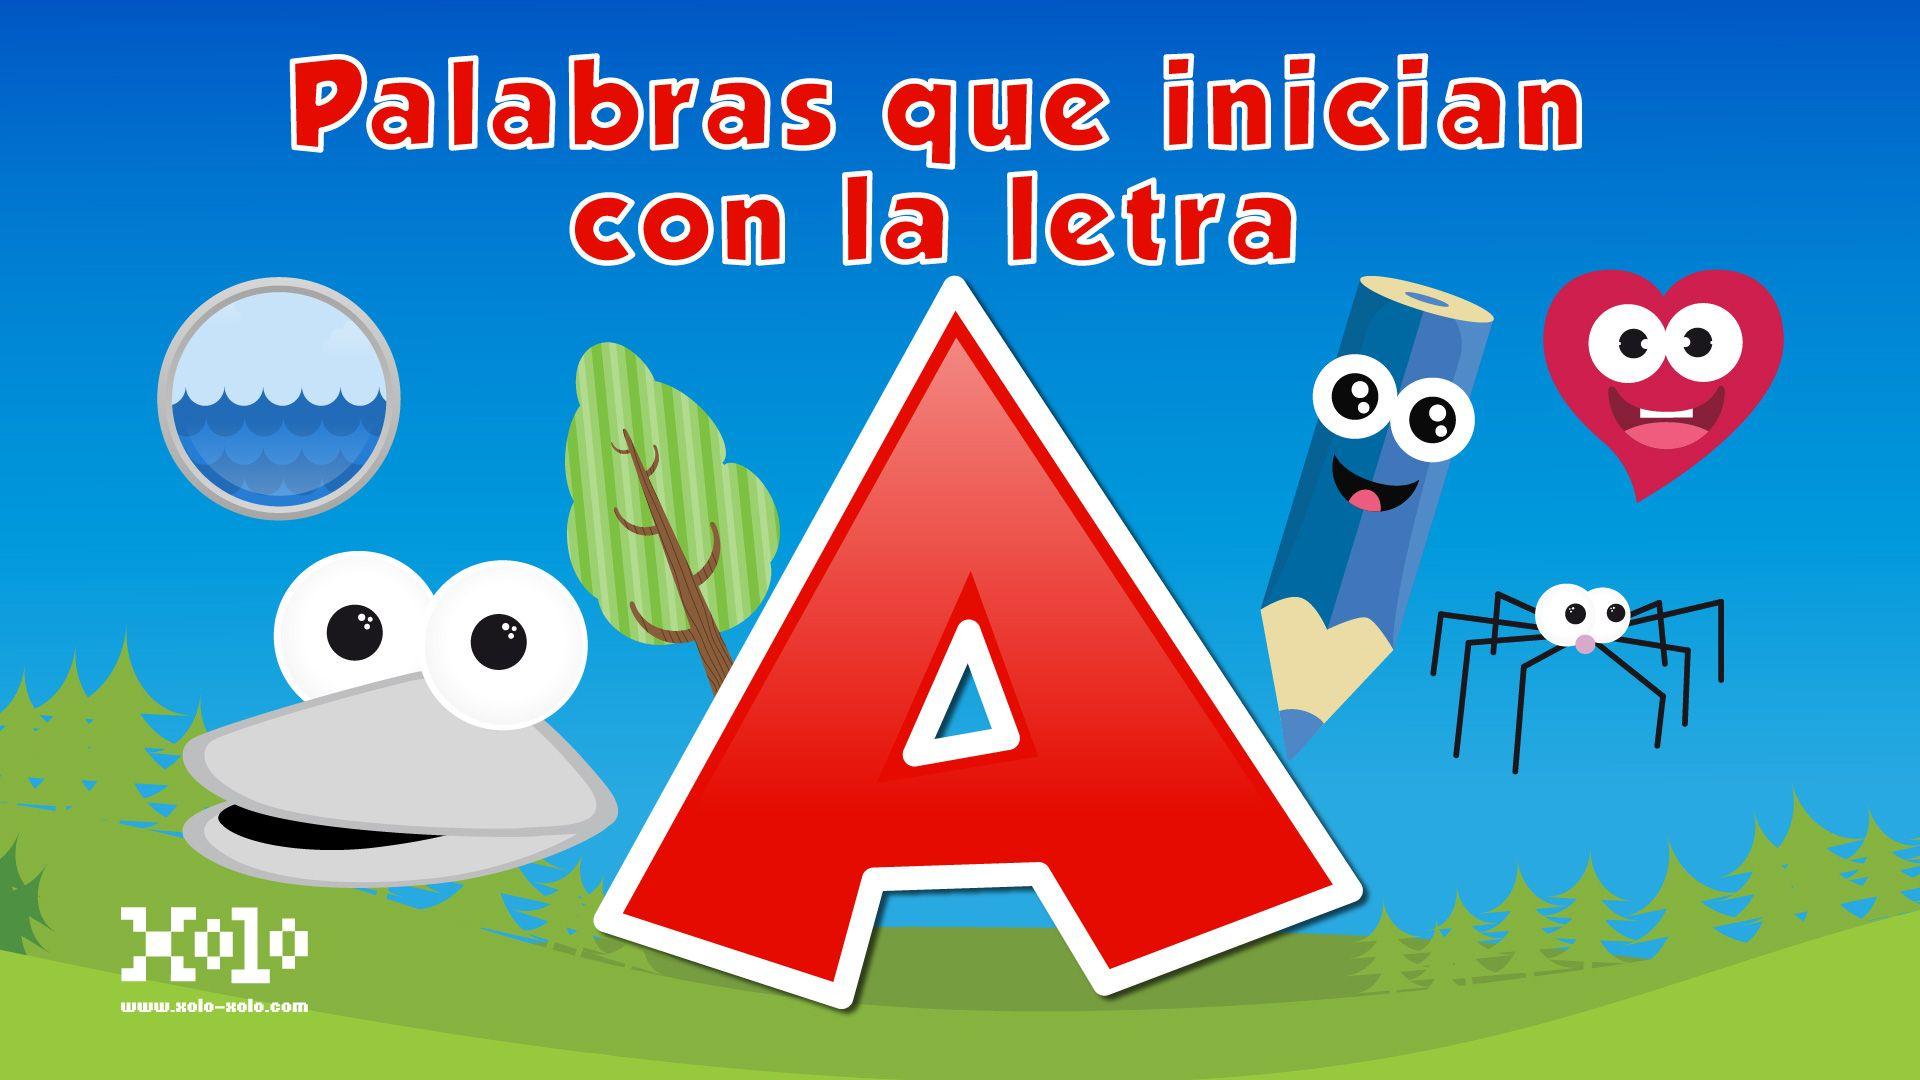 Palabras que inician con la letra A en español para niños